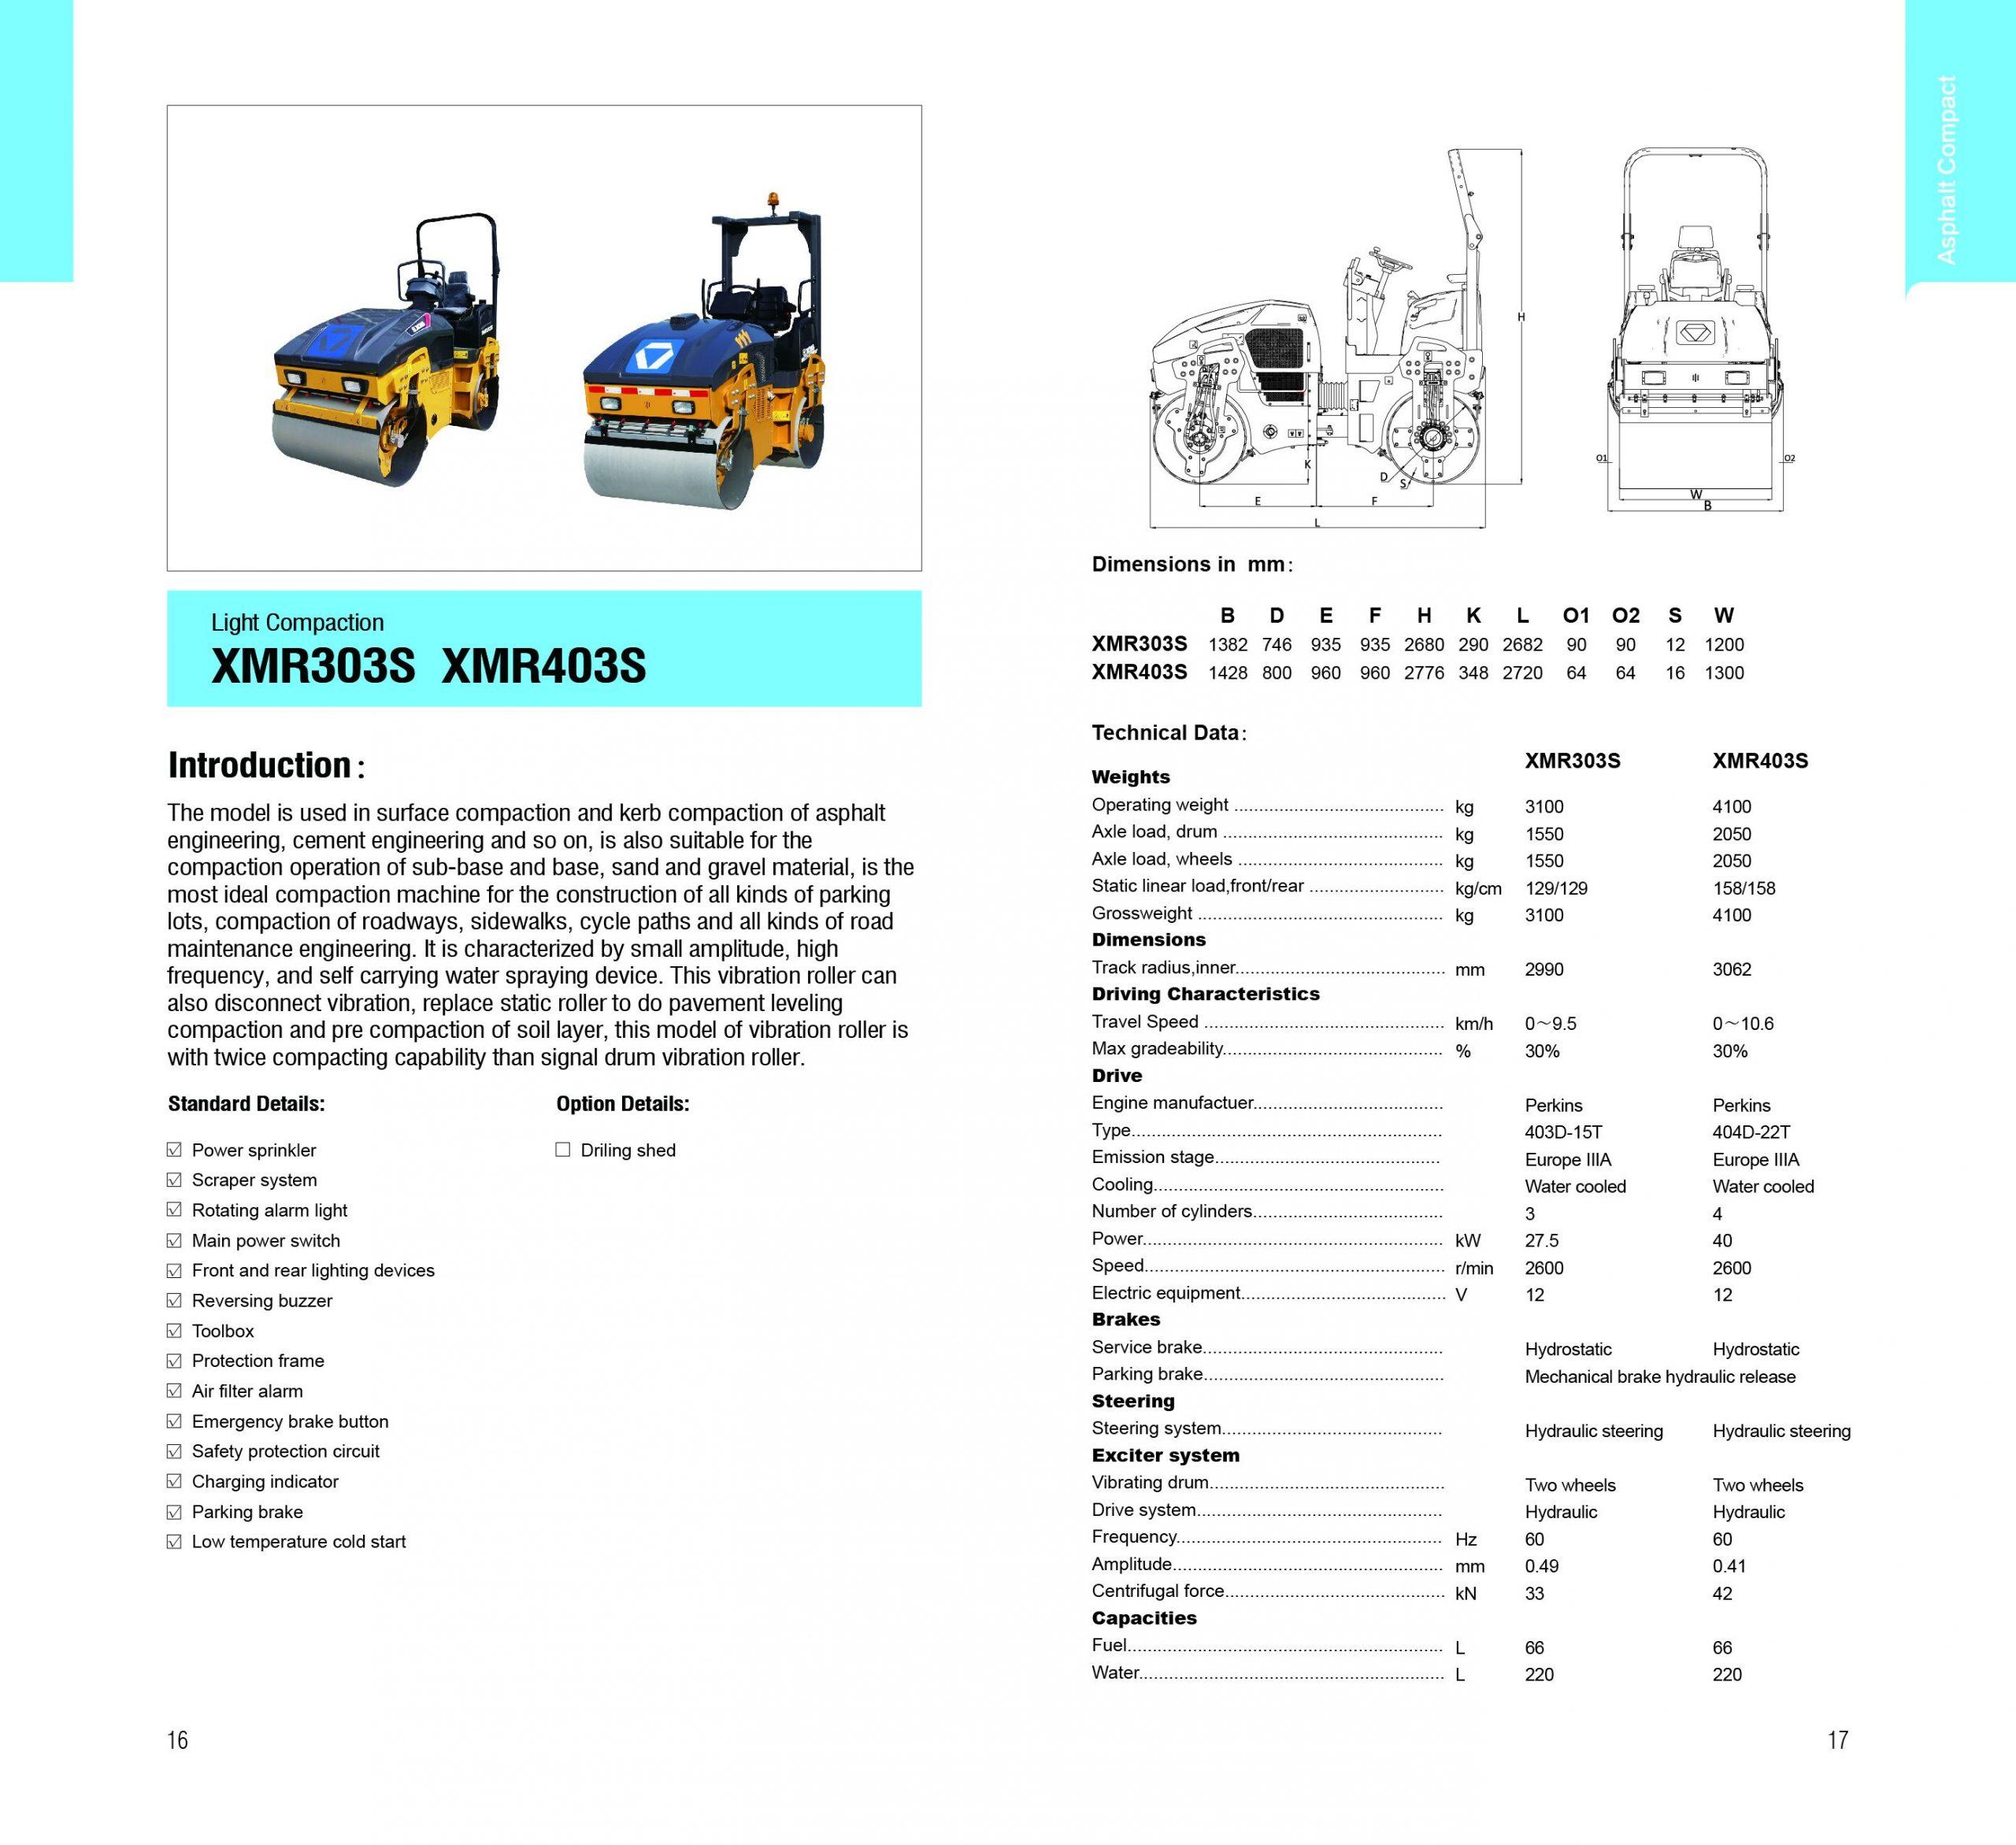 XMR303S XMR403S